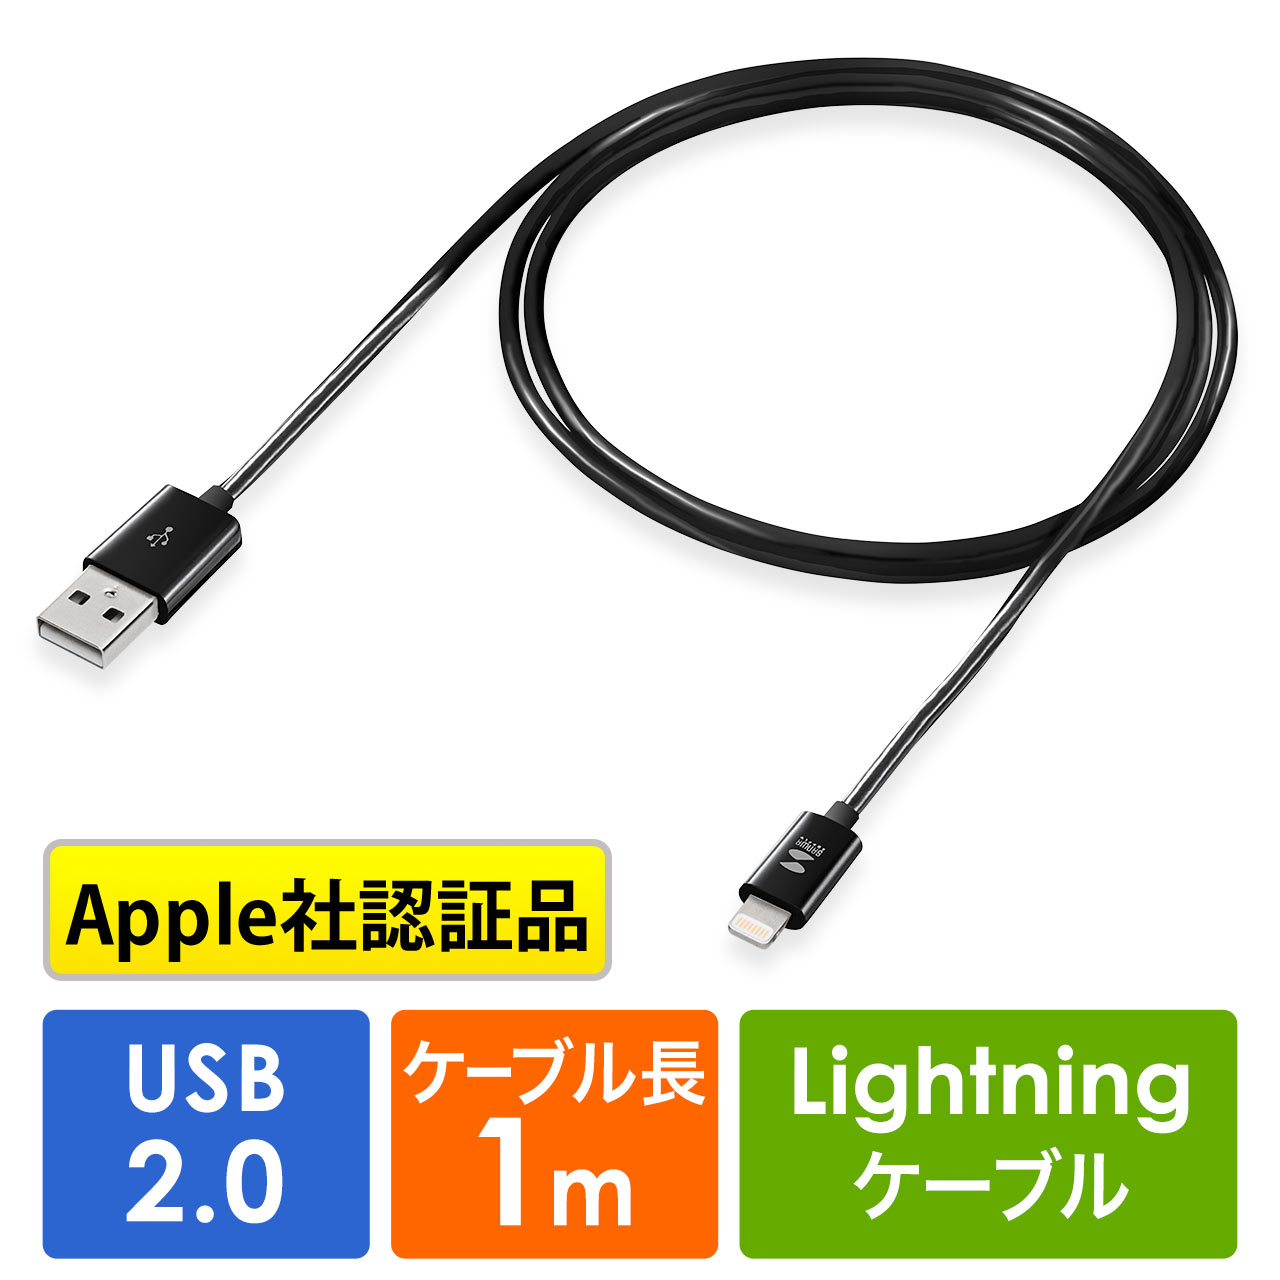 ライトニングUSBケーブル(Apple MFi認証品・充電・同期・1m・ブラック) サンワダイレクト サンワサプライ 500-IPLM011BKK